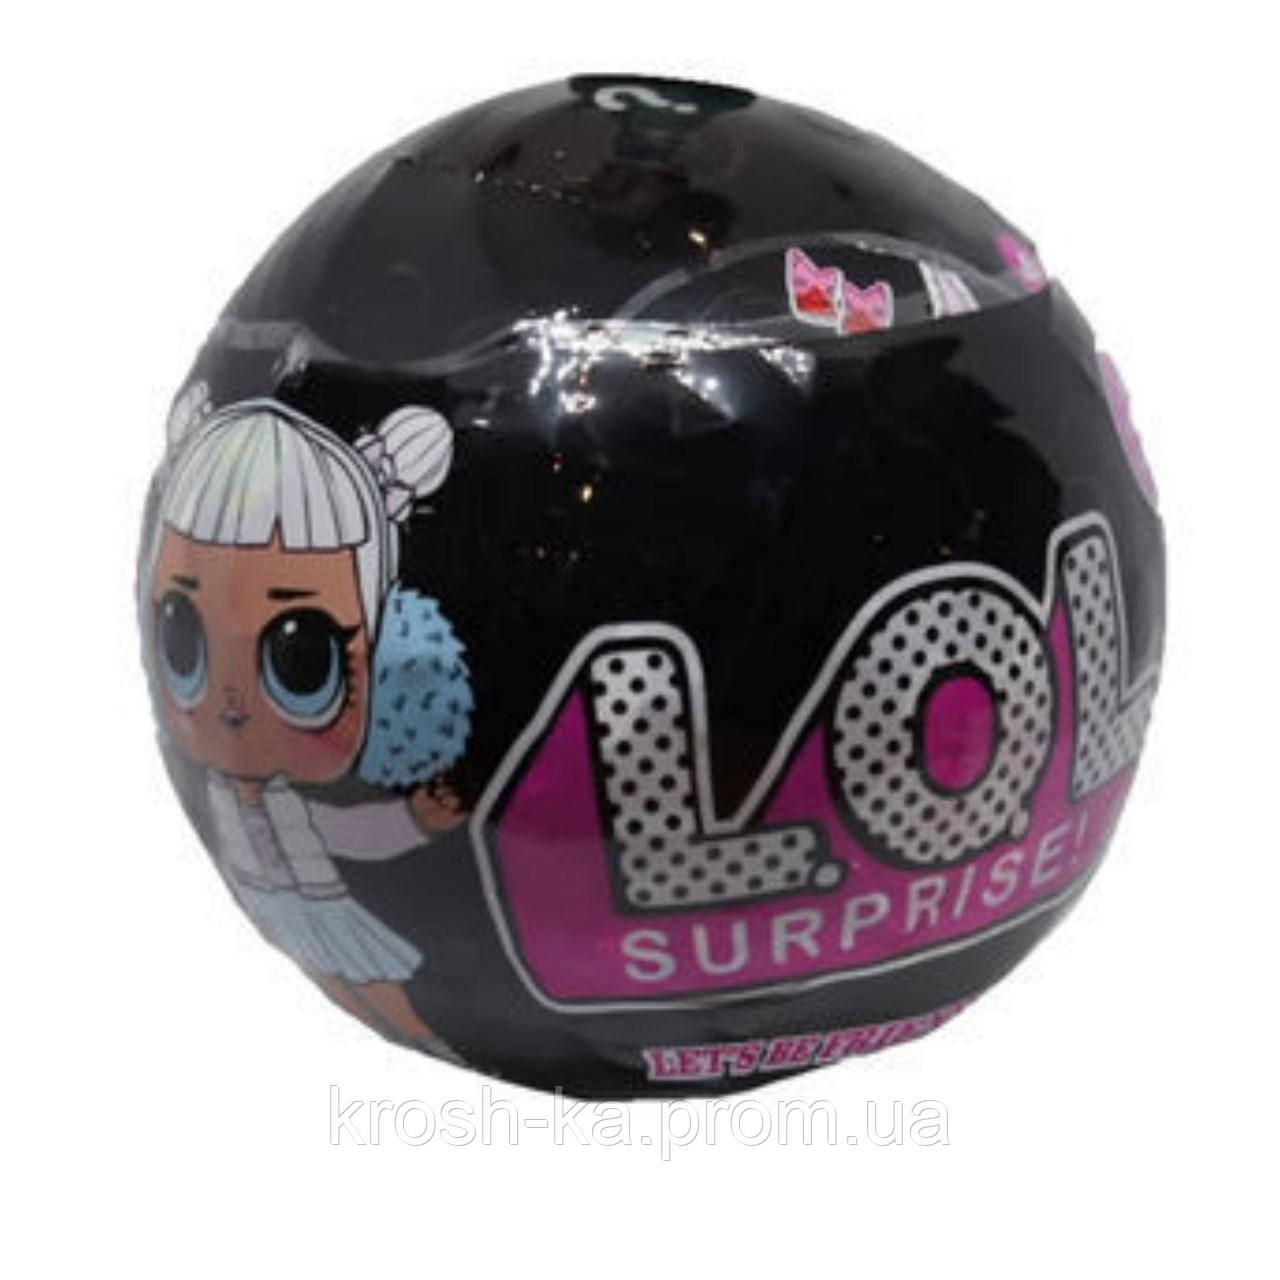 Игровой набор кукла LOL Surprise чёрный шар Китай 4565